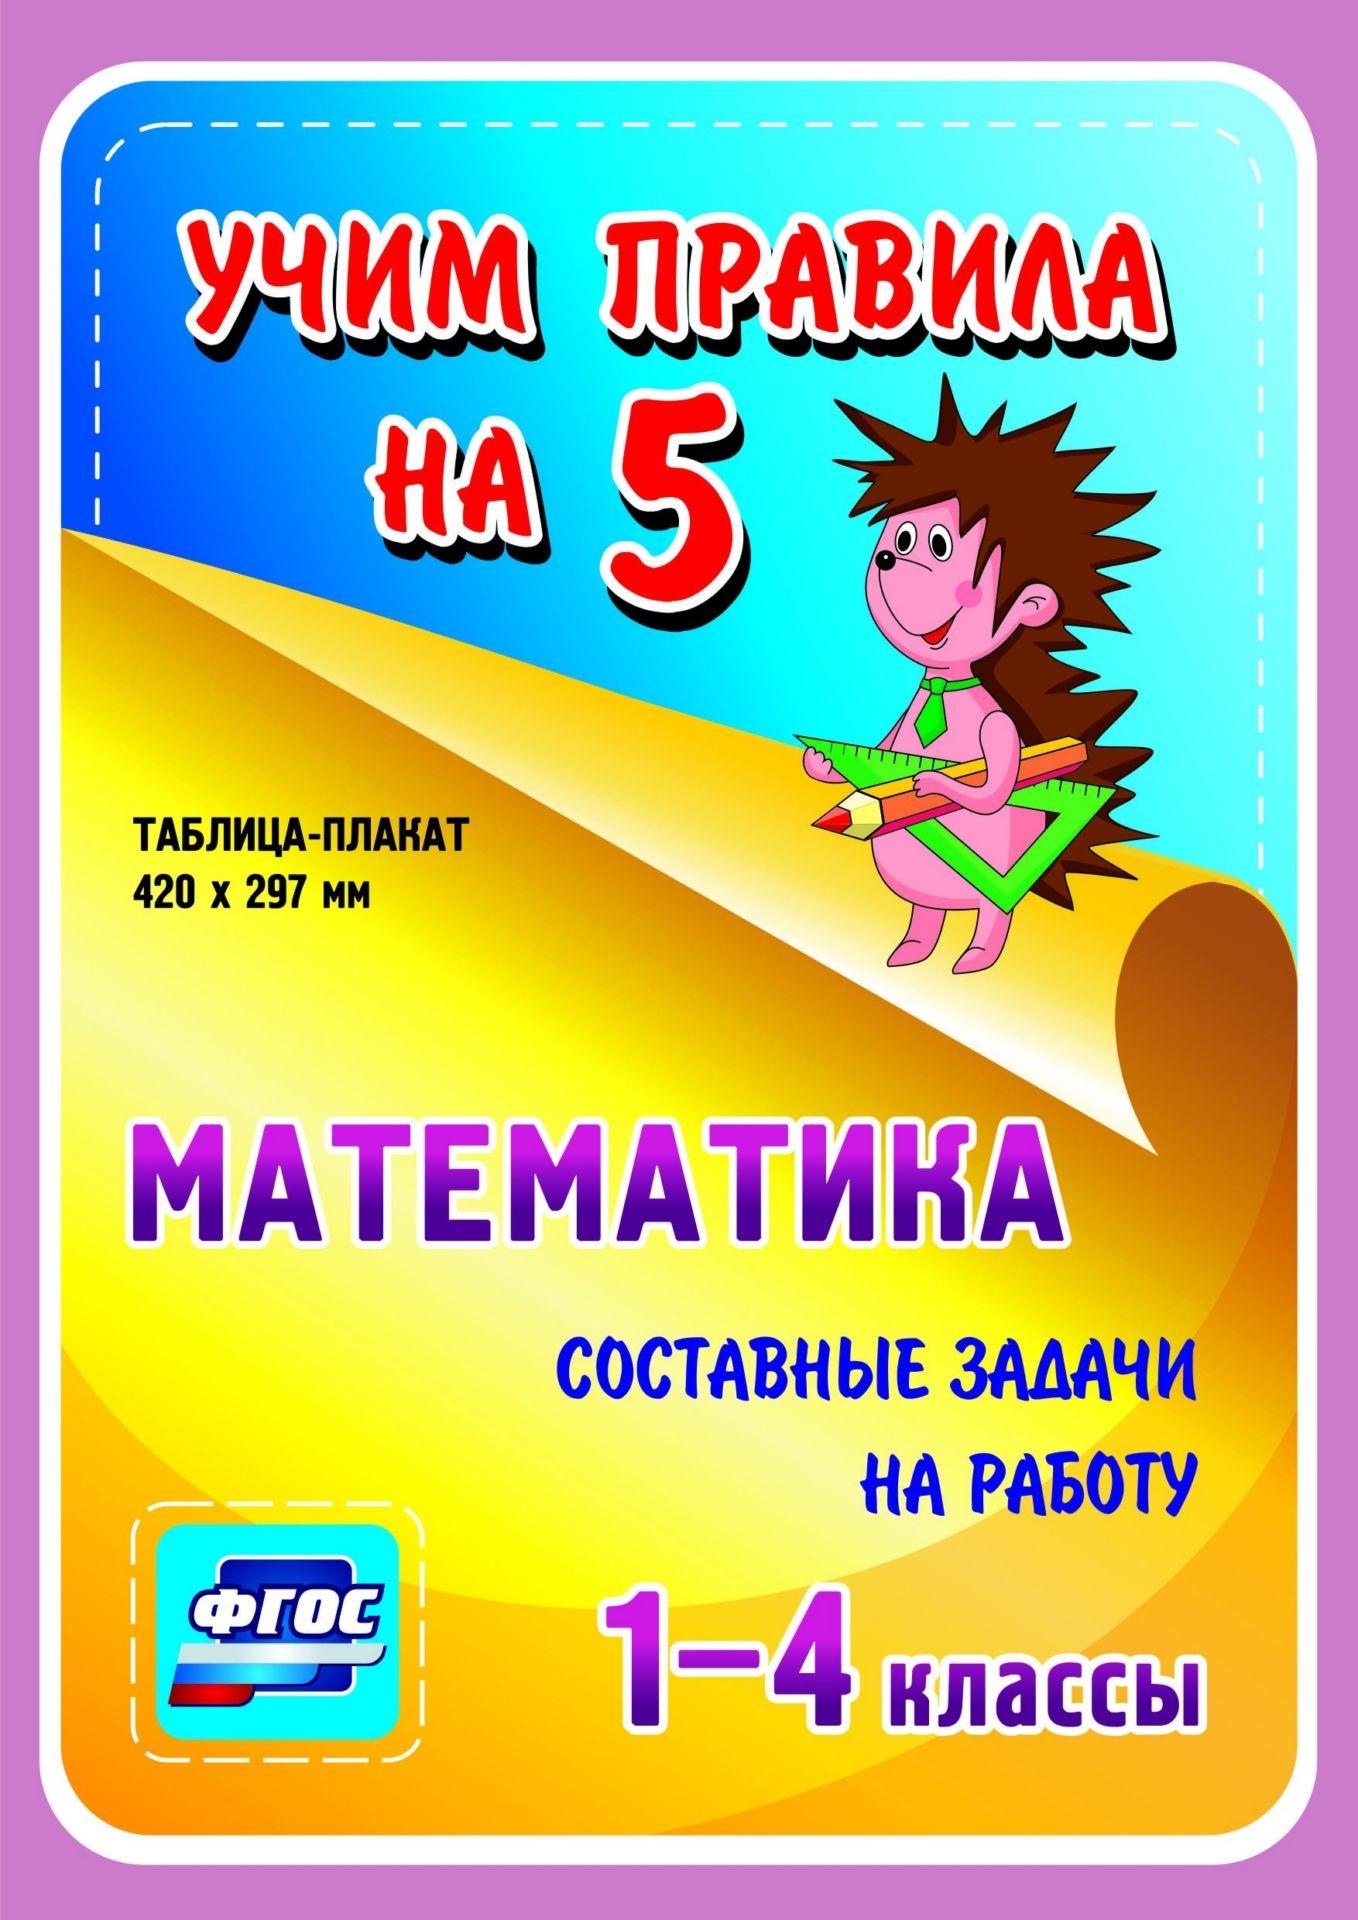 Математика. Составные задачи на работу. 1-4 классы: Таблица-плакат 420х297